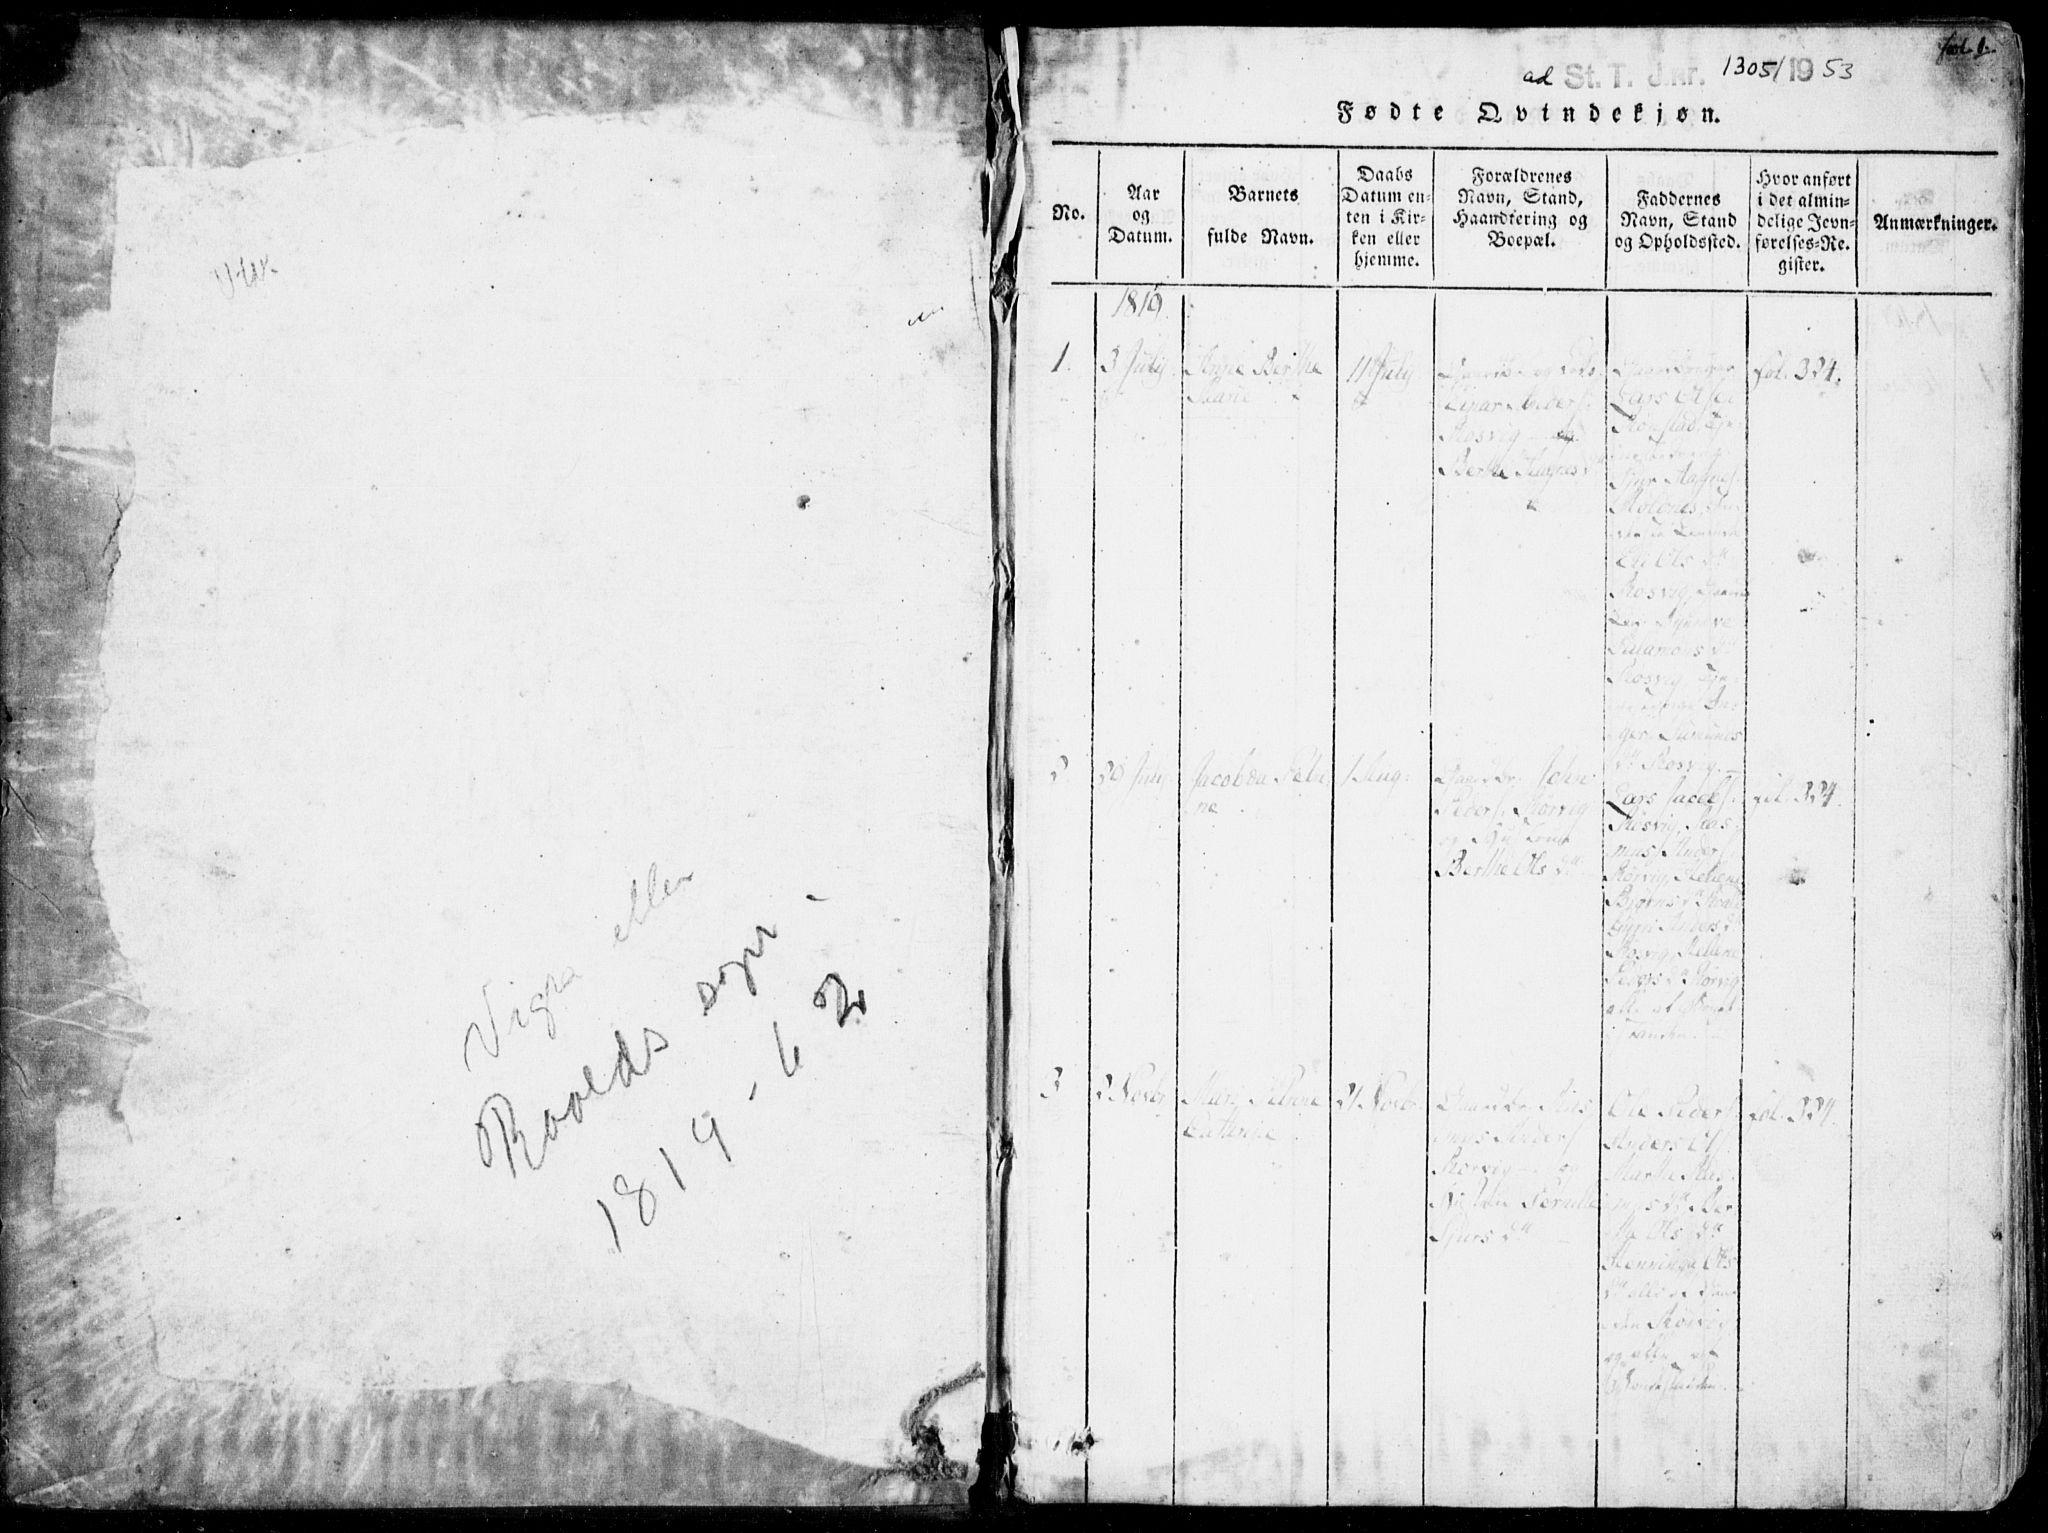 SAT, Ministerialprotokoller, klokkerbøker og fødselsregistre - Møre og Romsdal, 537/L0517: Ministerialbok nr. 537A01, 1818-1862, s. 1